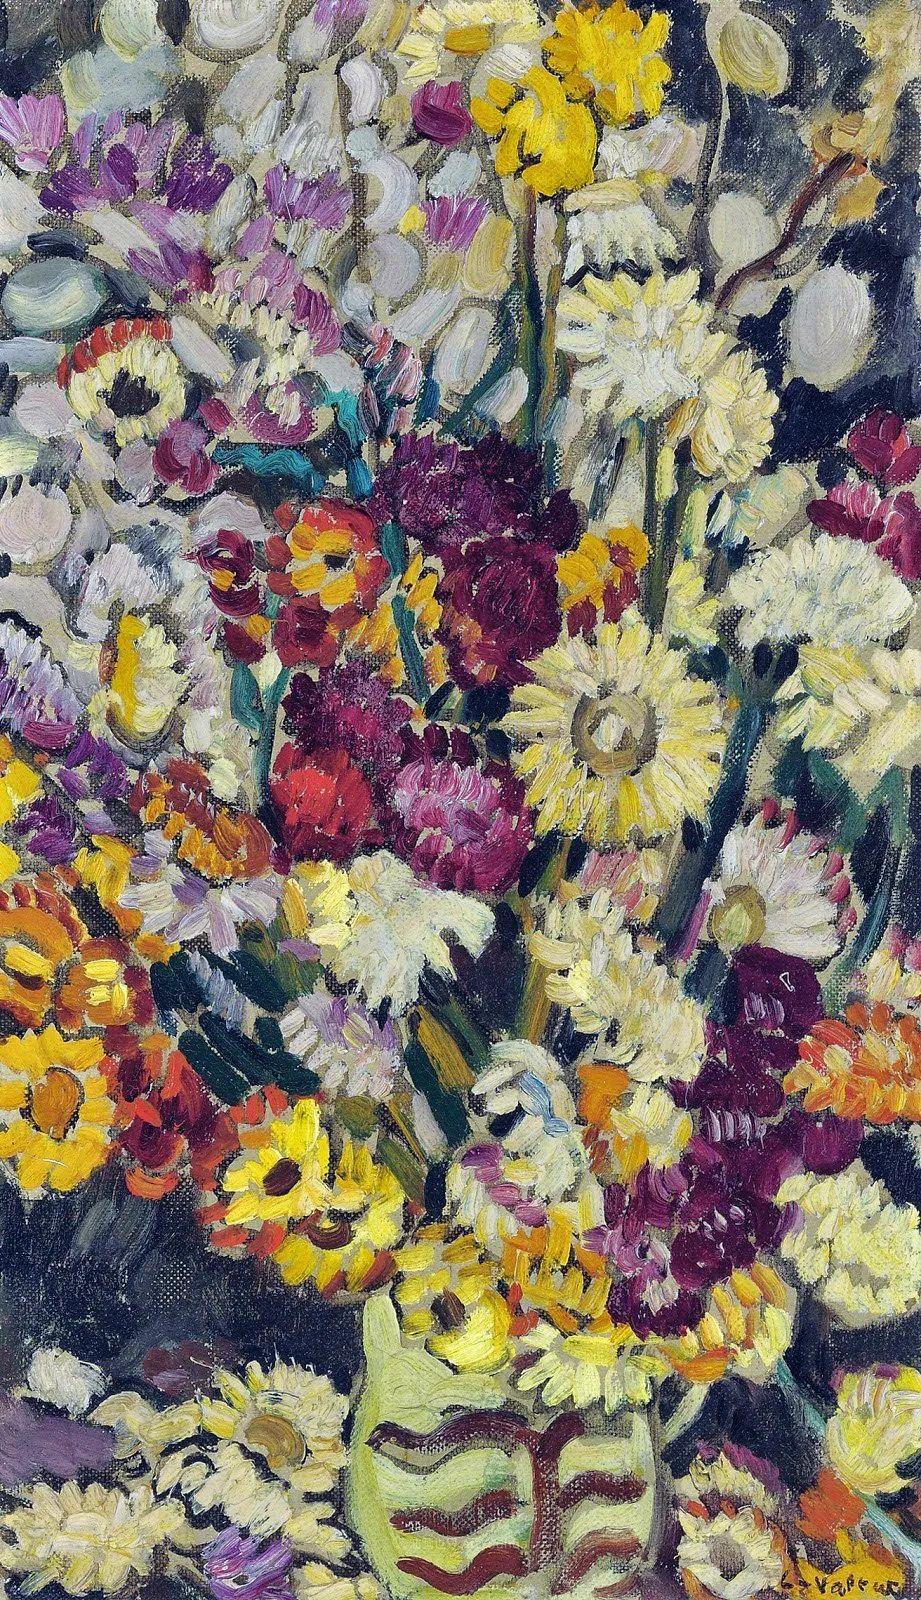 笔触粗犷,色彩令人陶醉,高清花卉作品插图8